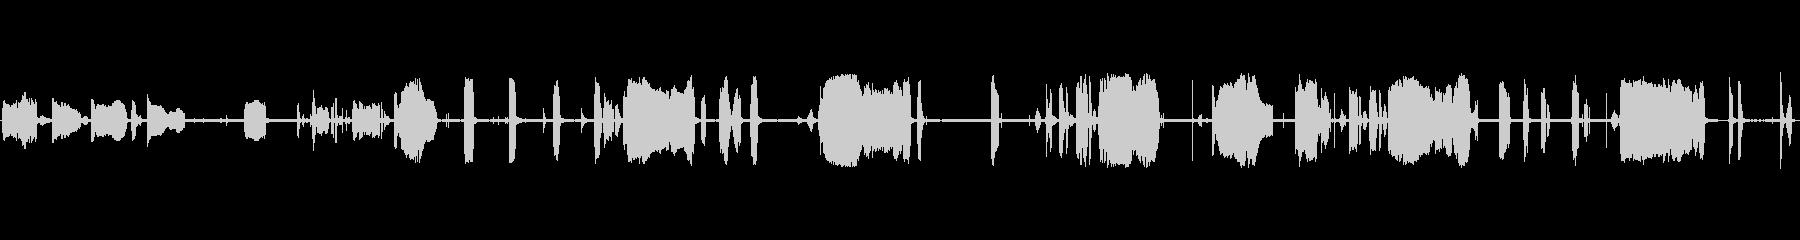 ささやき声子供または赤ちゃんの声の...の未再生の波形